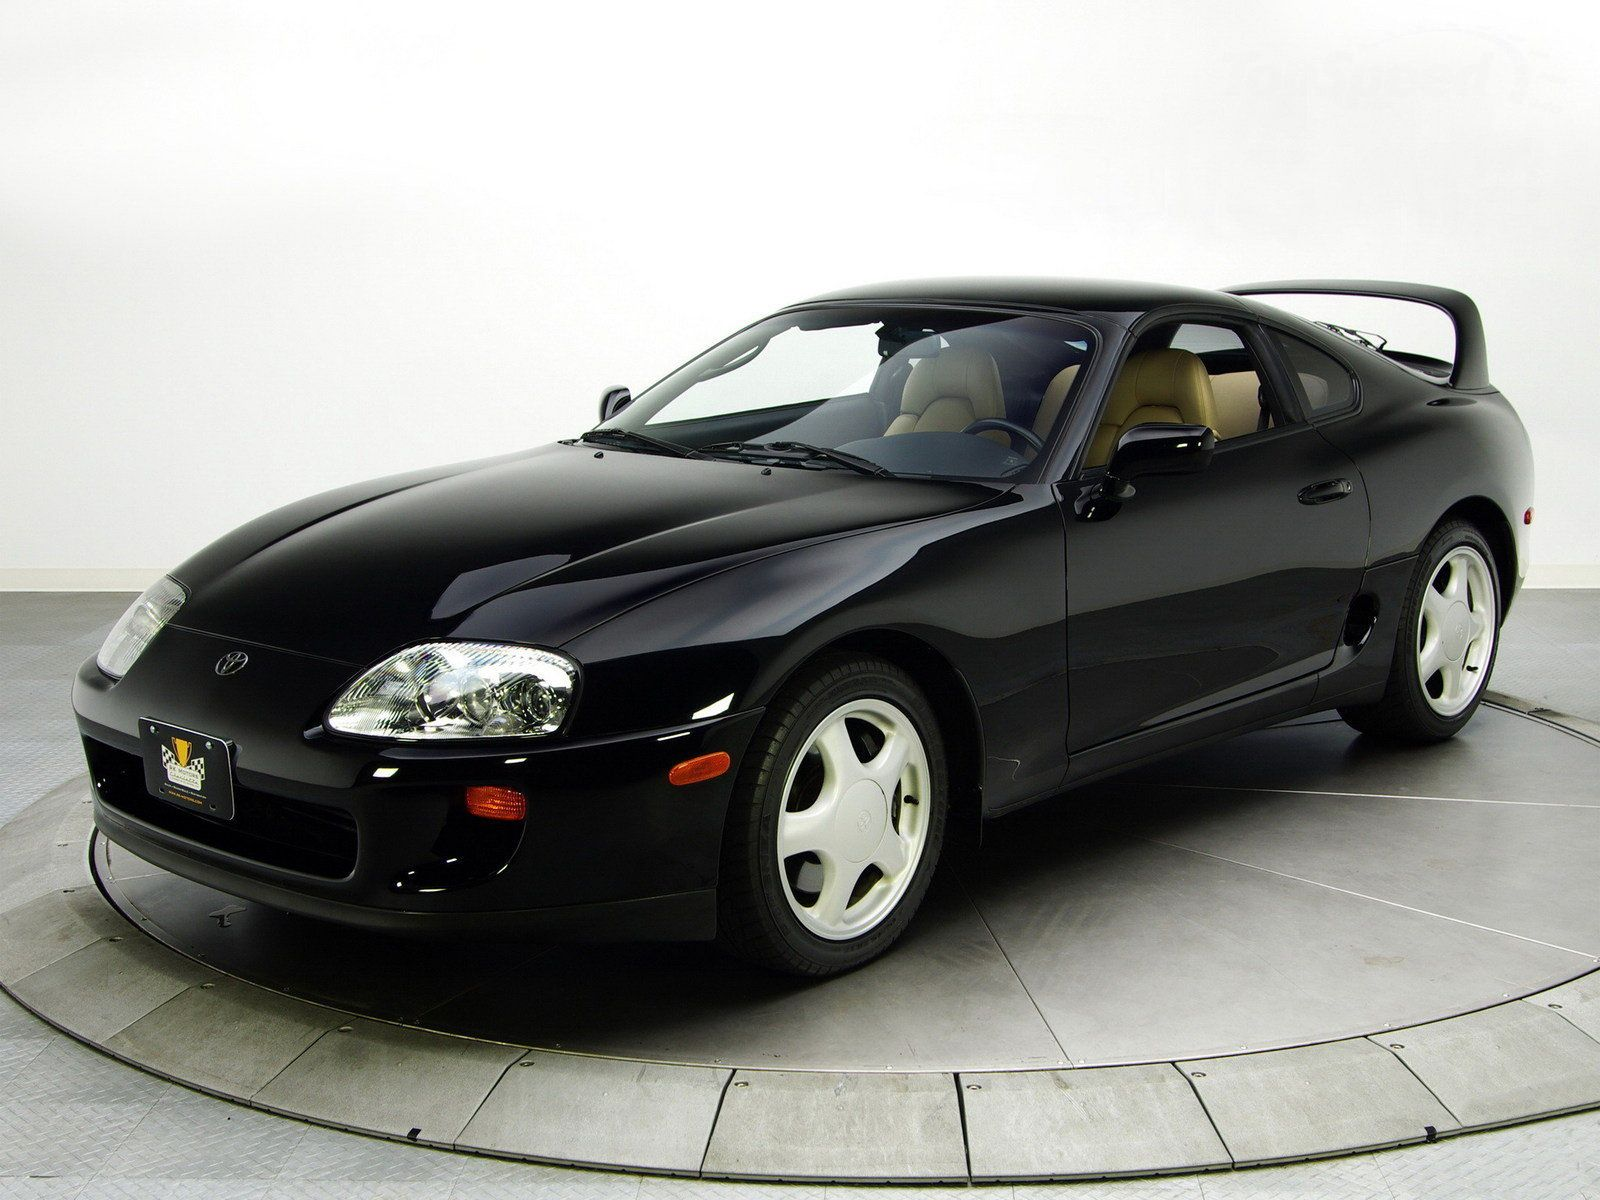 Toyota supra rz twins turbo